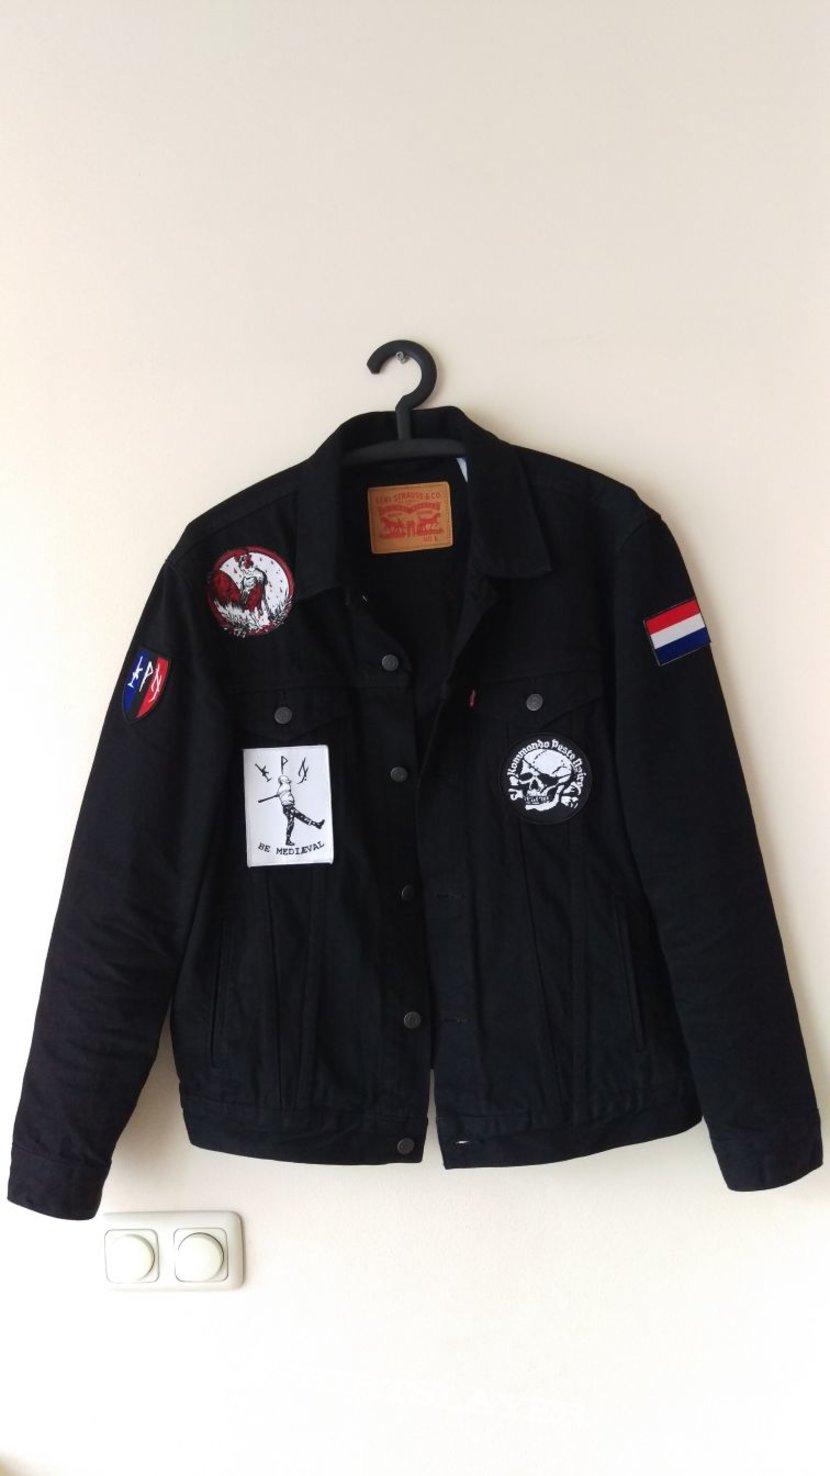 Peste Noire worship jacket first update